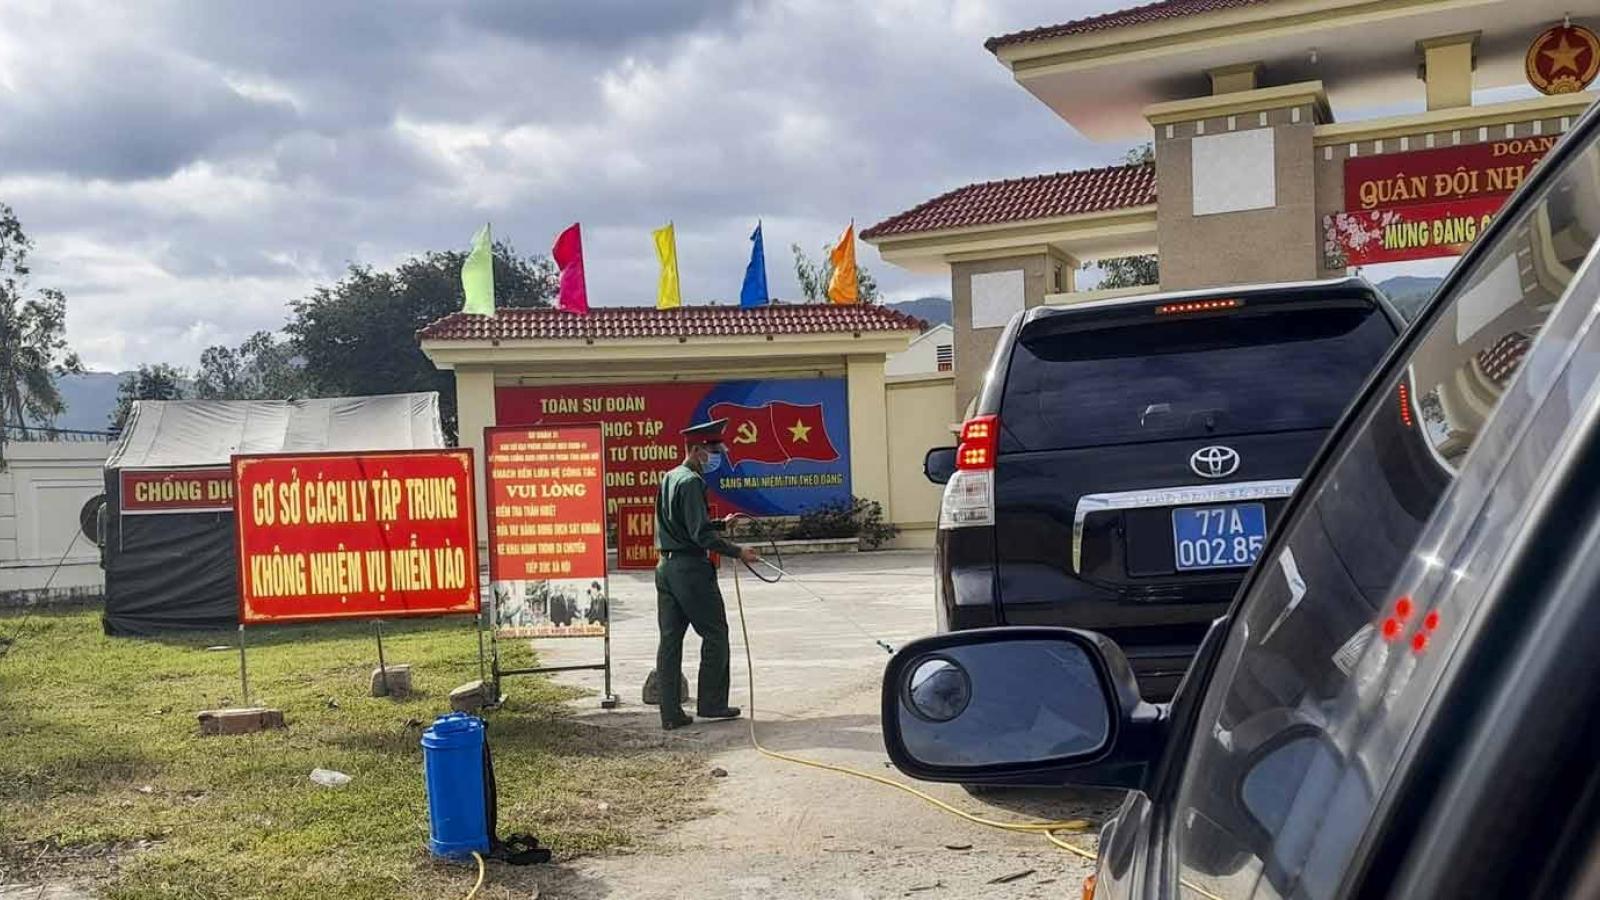 Bình Định: Tiếp nhận 1 thuyền viên nước ngoài nghi mắc COVID-19